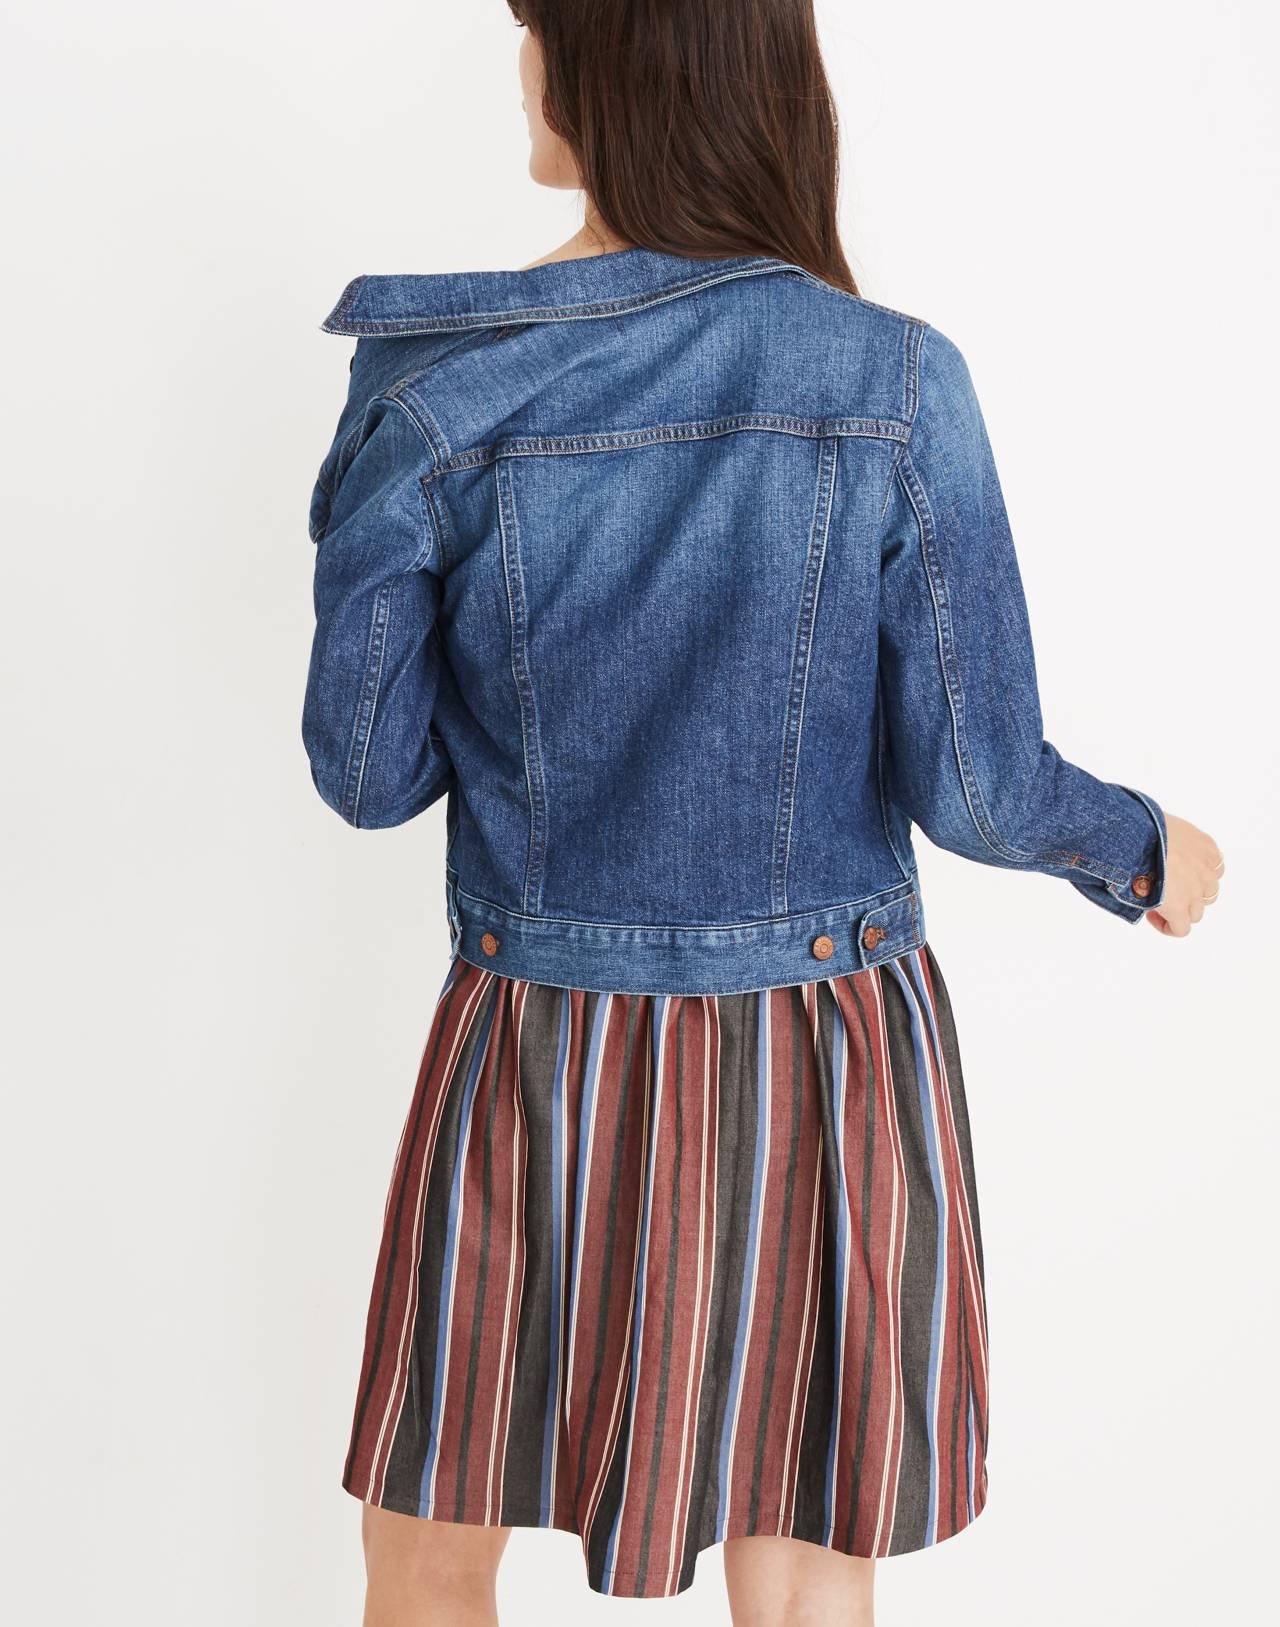 The Shrunken Stretch Jean Jacket: Eco Edition in vintage light image 3